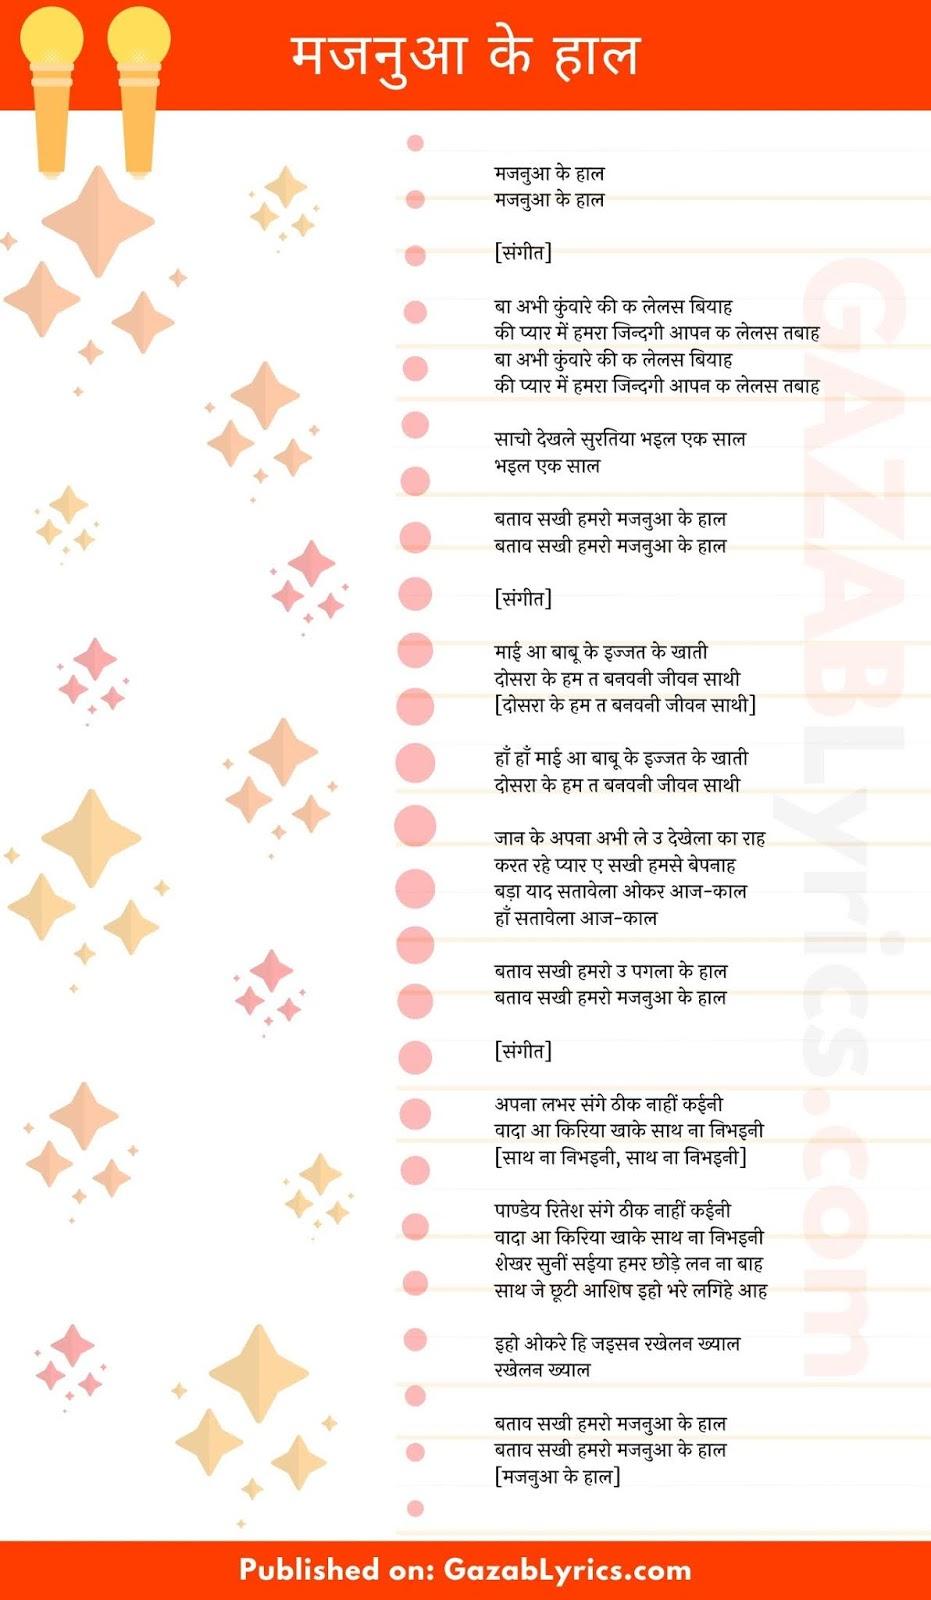 Majanua Ke Haal song lyrics image